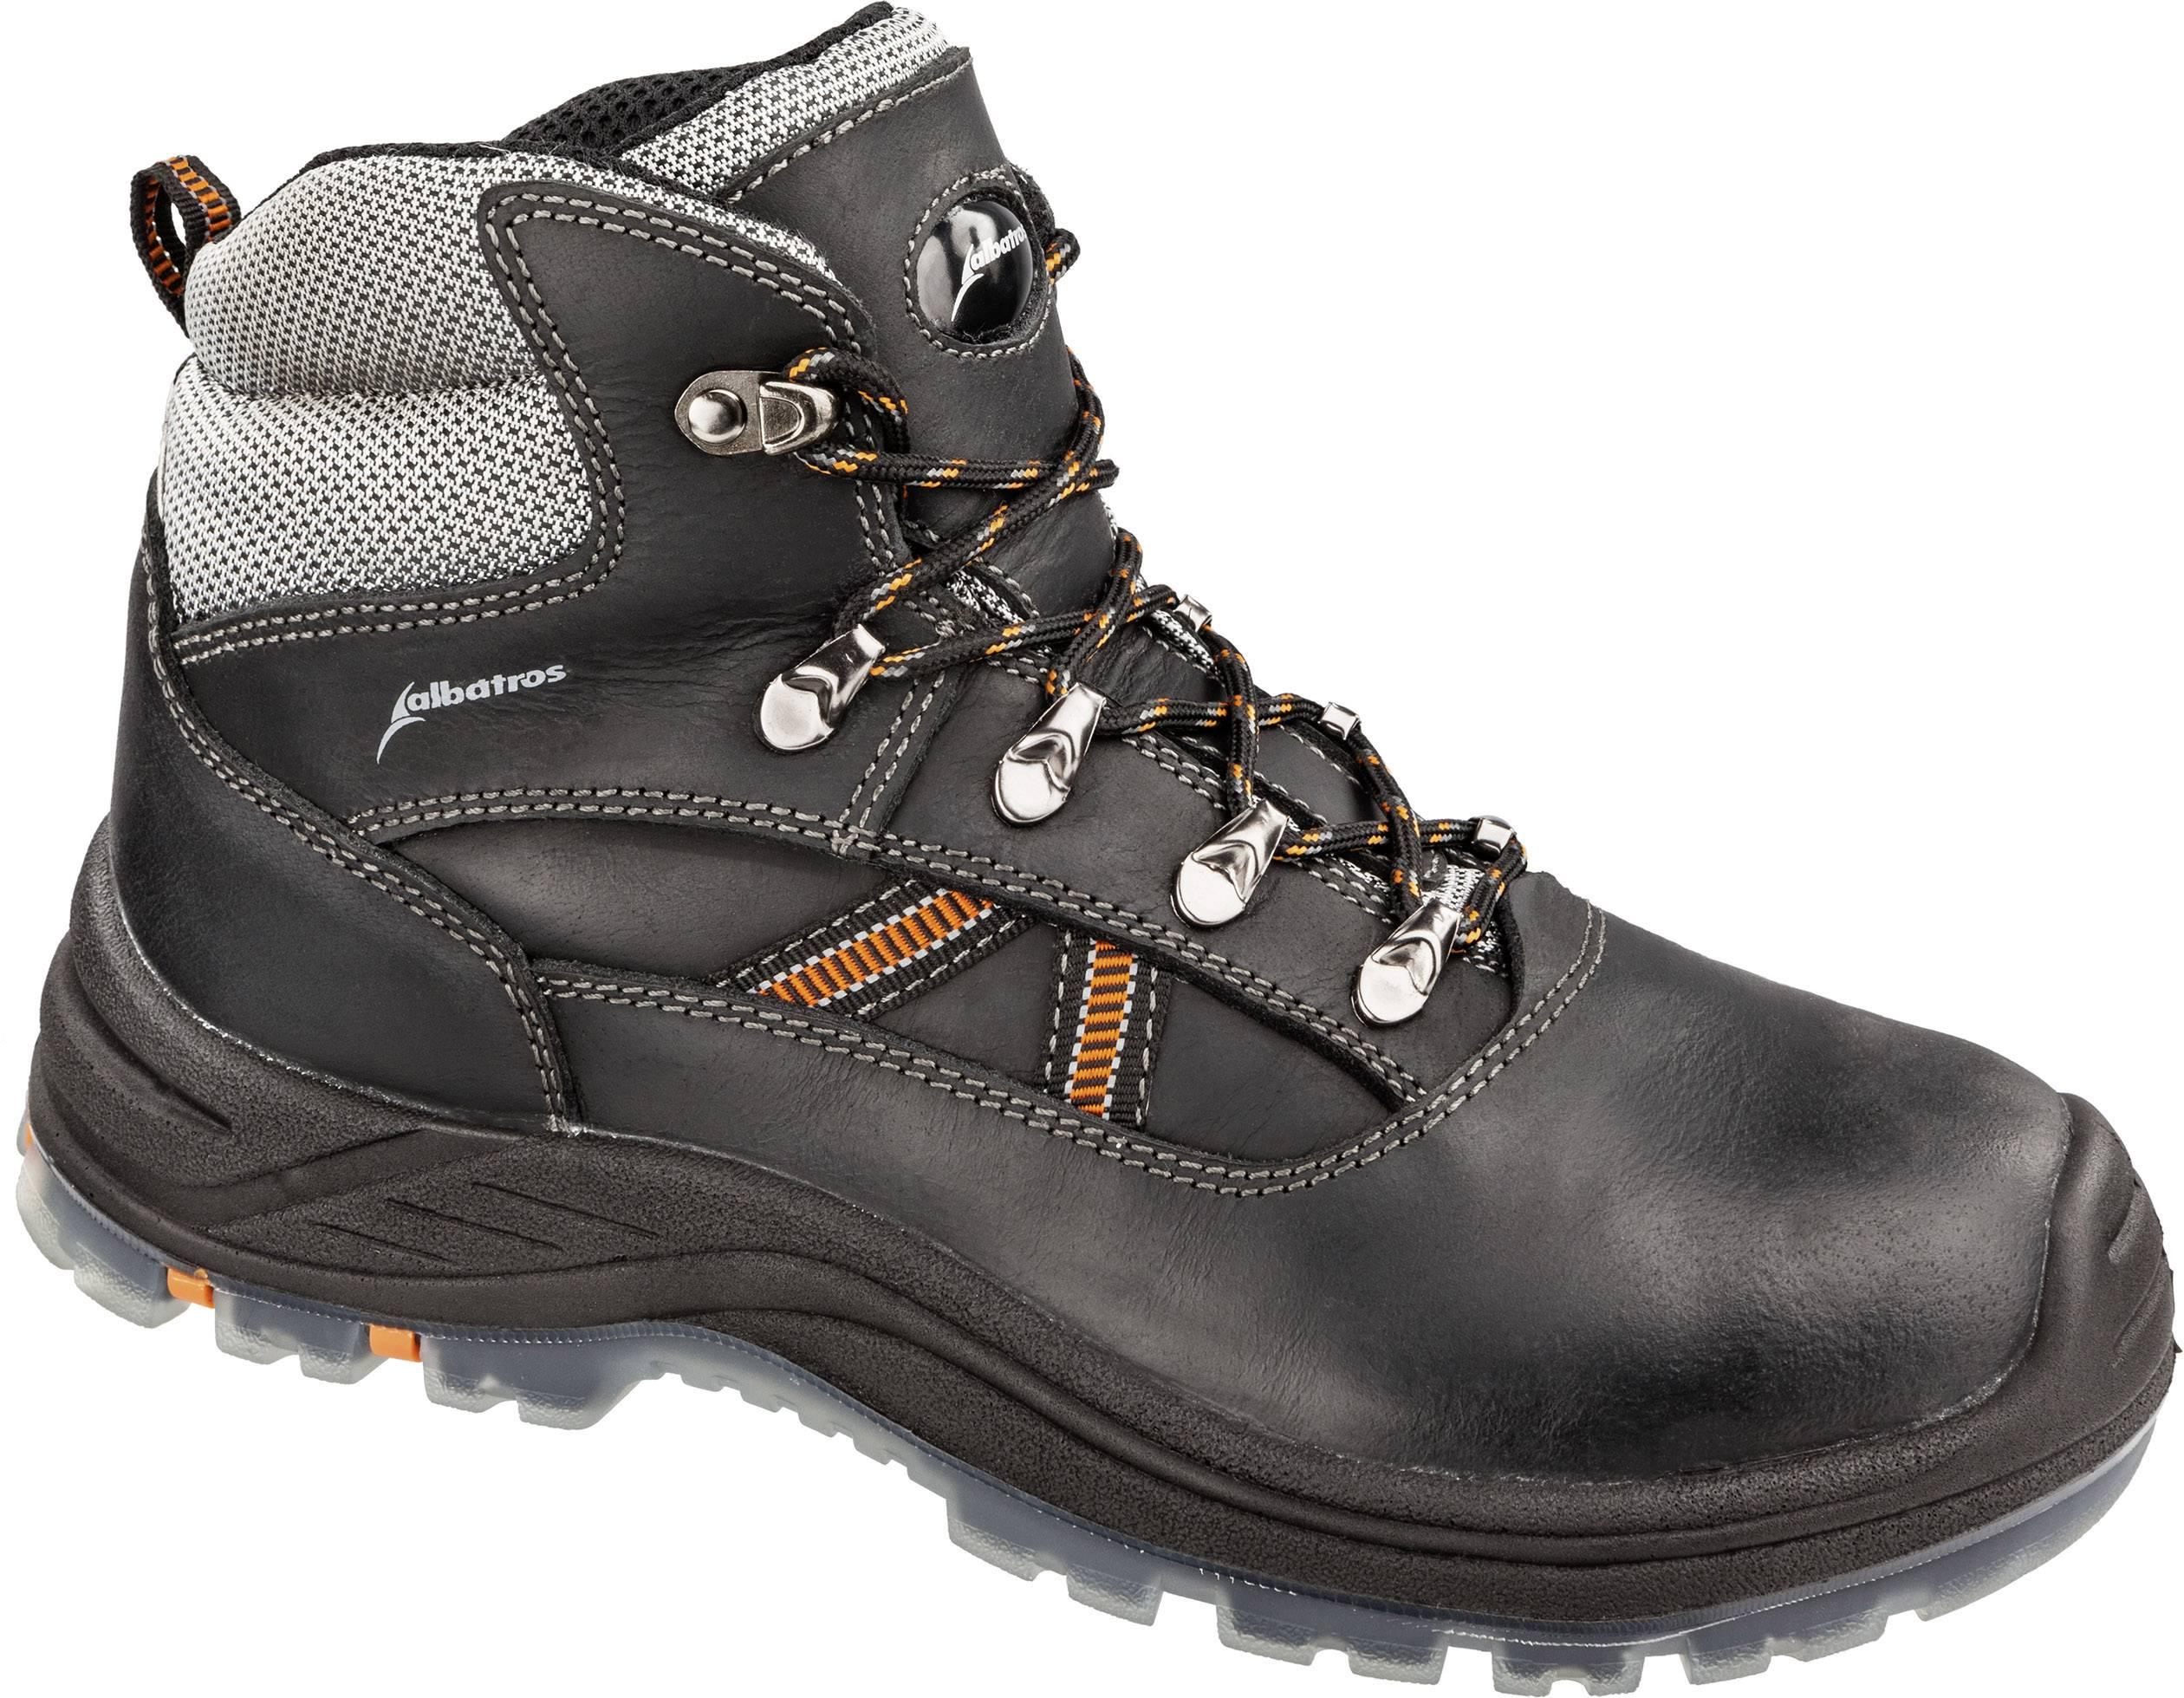 Stivali di sicurezza S3 Misura